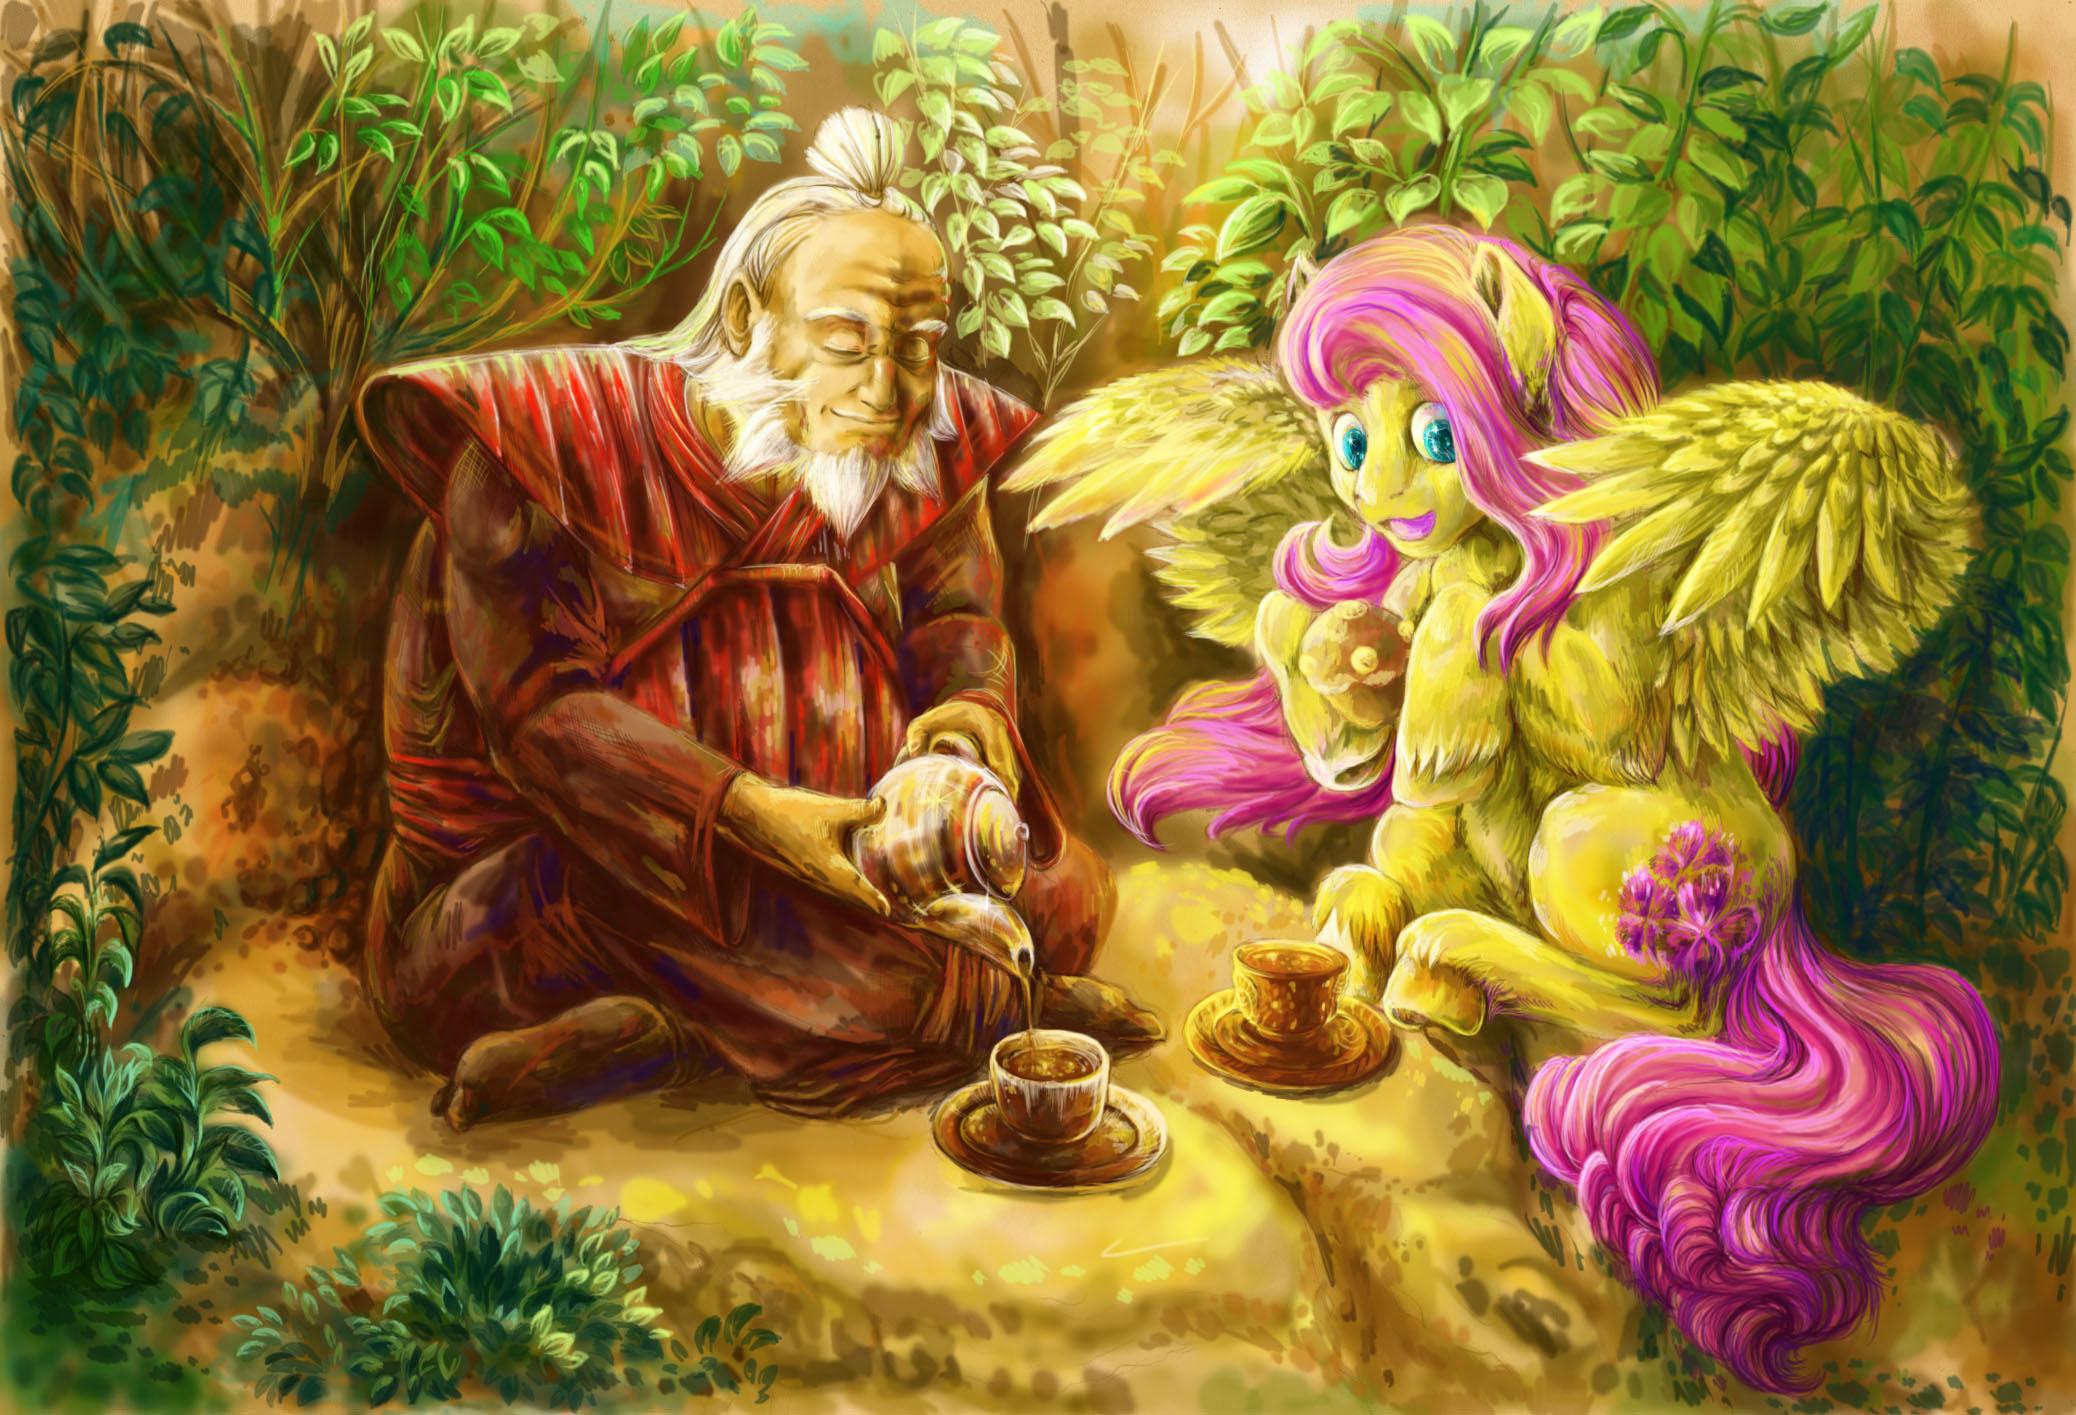 Friendship is magic fur hair hi res human iroh long hair male mammal